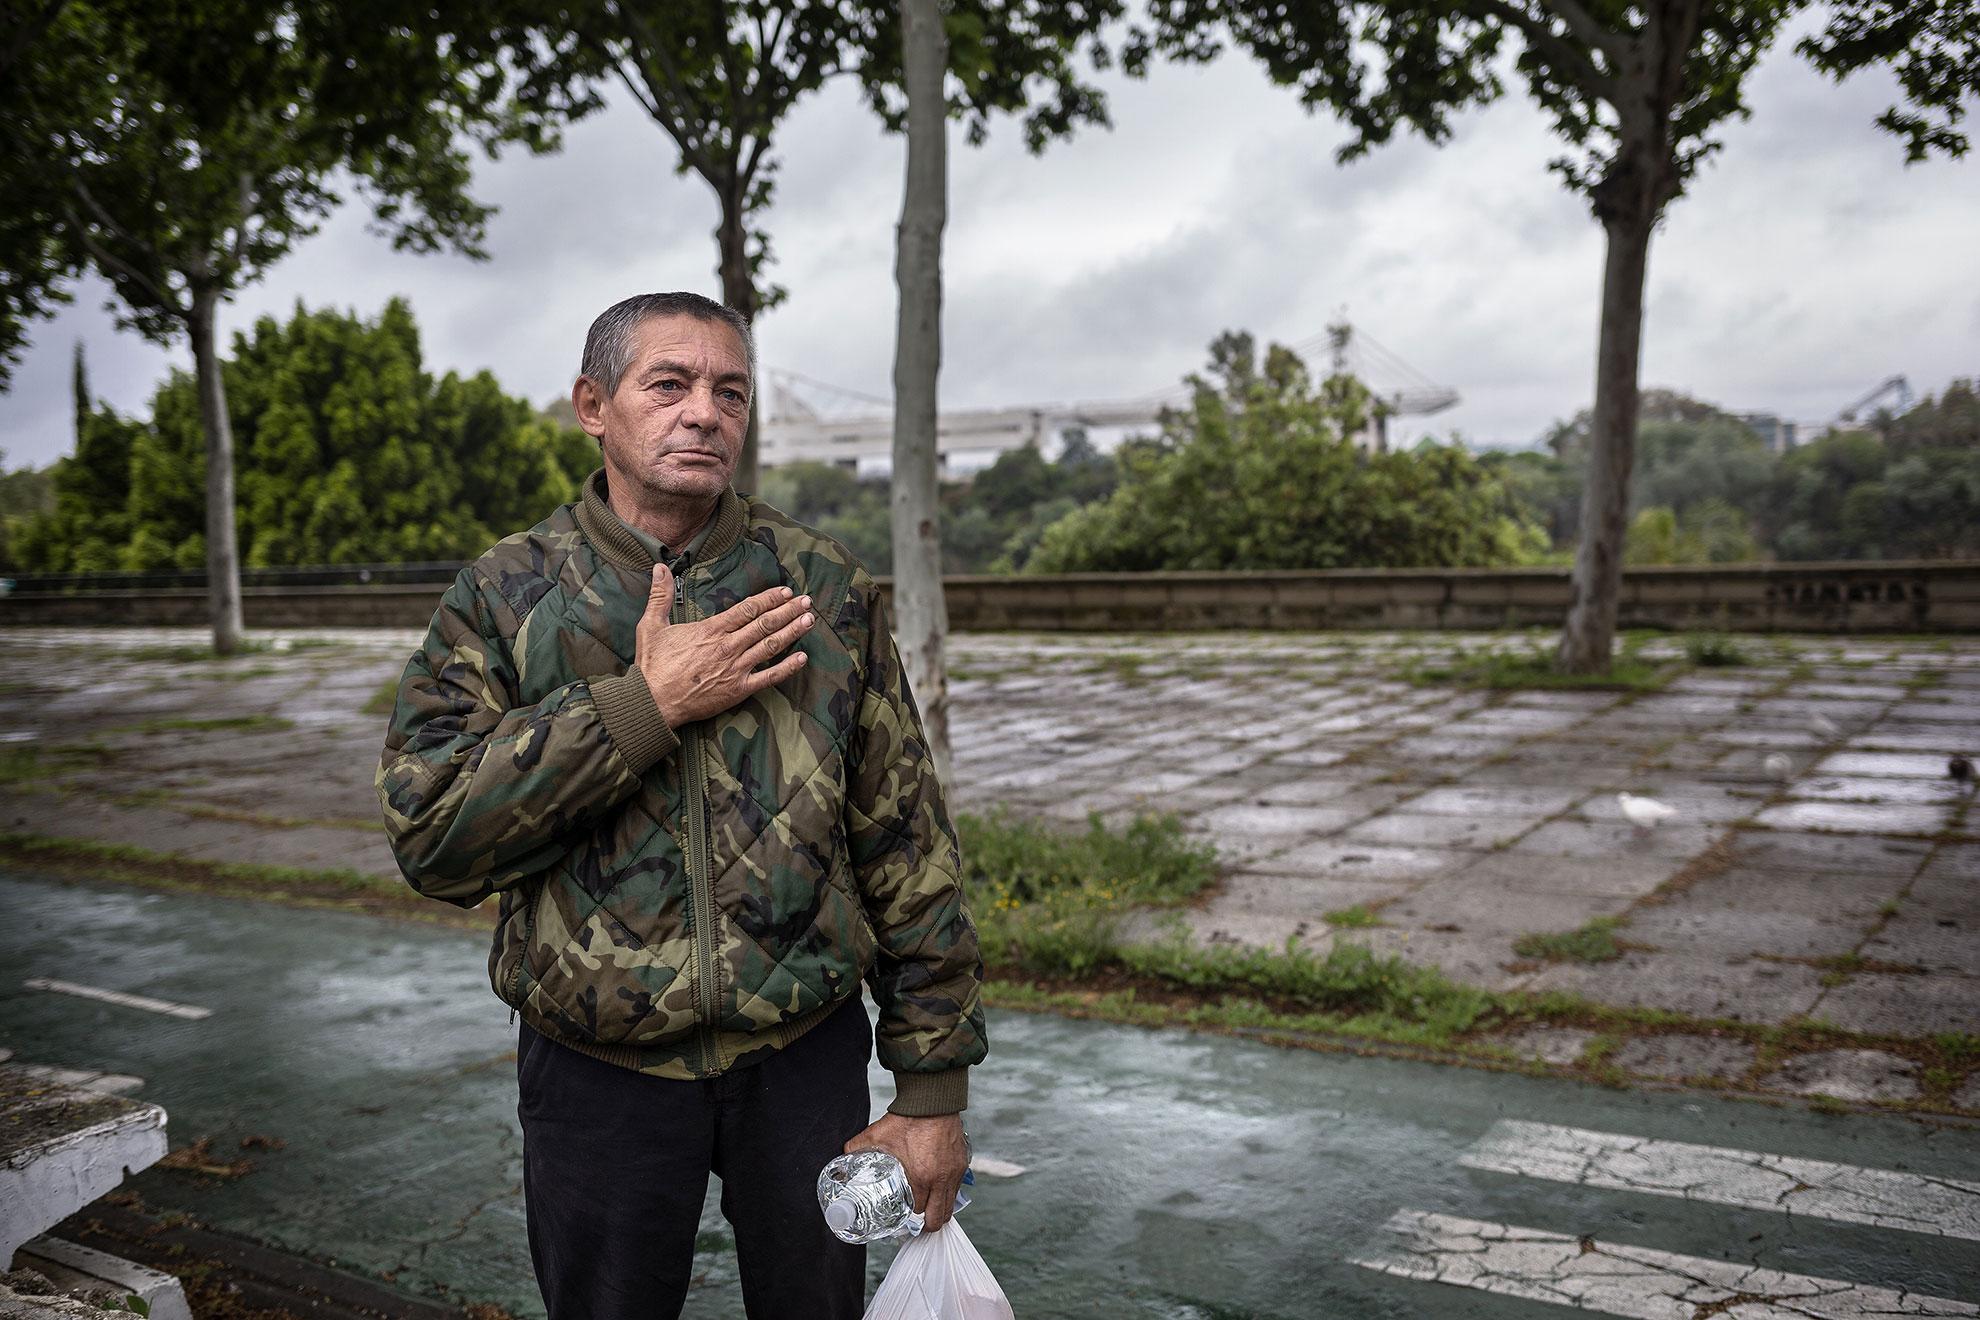 Sevilla Constantin (54 años) procede de Rumanía. Es otro de los habitantes sin hogar de la ciudad de Sevilla. Por su temor a contagiarse del COVID19 en los recintos comunitarios habilitados por el Ayuntamiento, ha decidido seguir en la calle durante el confinamiento, aún a pesar de que las fuentes o baños públicos están clausurados por ser posible cuna de contagios. Hasta conseguir un simple vaso de agua es un desafío hoy para alguien como él. Por eso, cuando los voluntarios de Médicos del Mundo le ofrecen una botella de agua y una bolsa con bocadillos y piezas de fruta, él les corresponde con un gesto emocionado cargado de honestidad y gratitud.